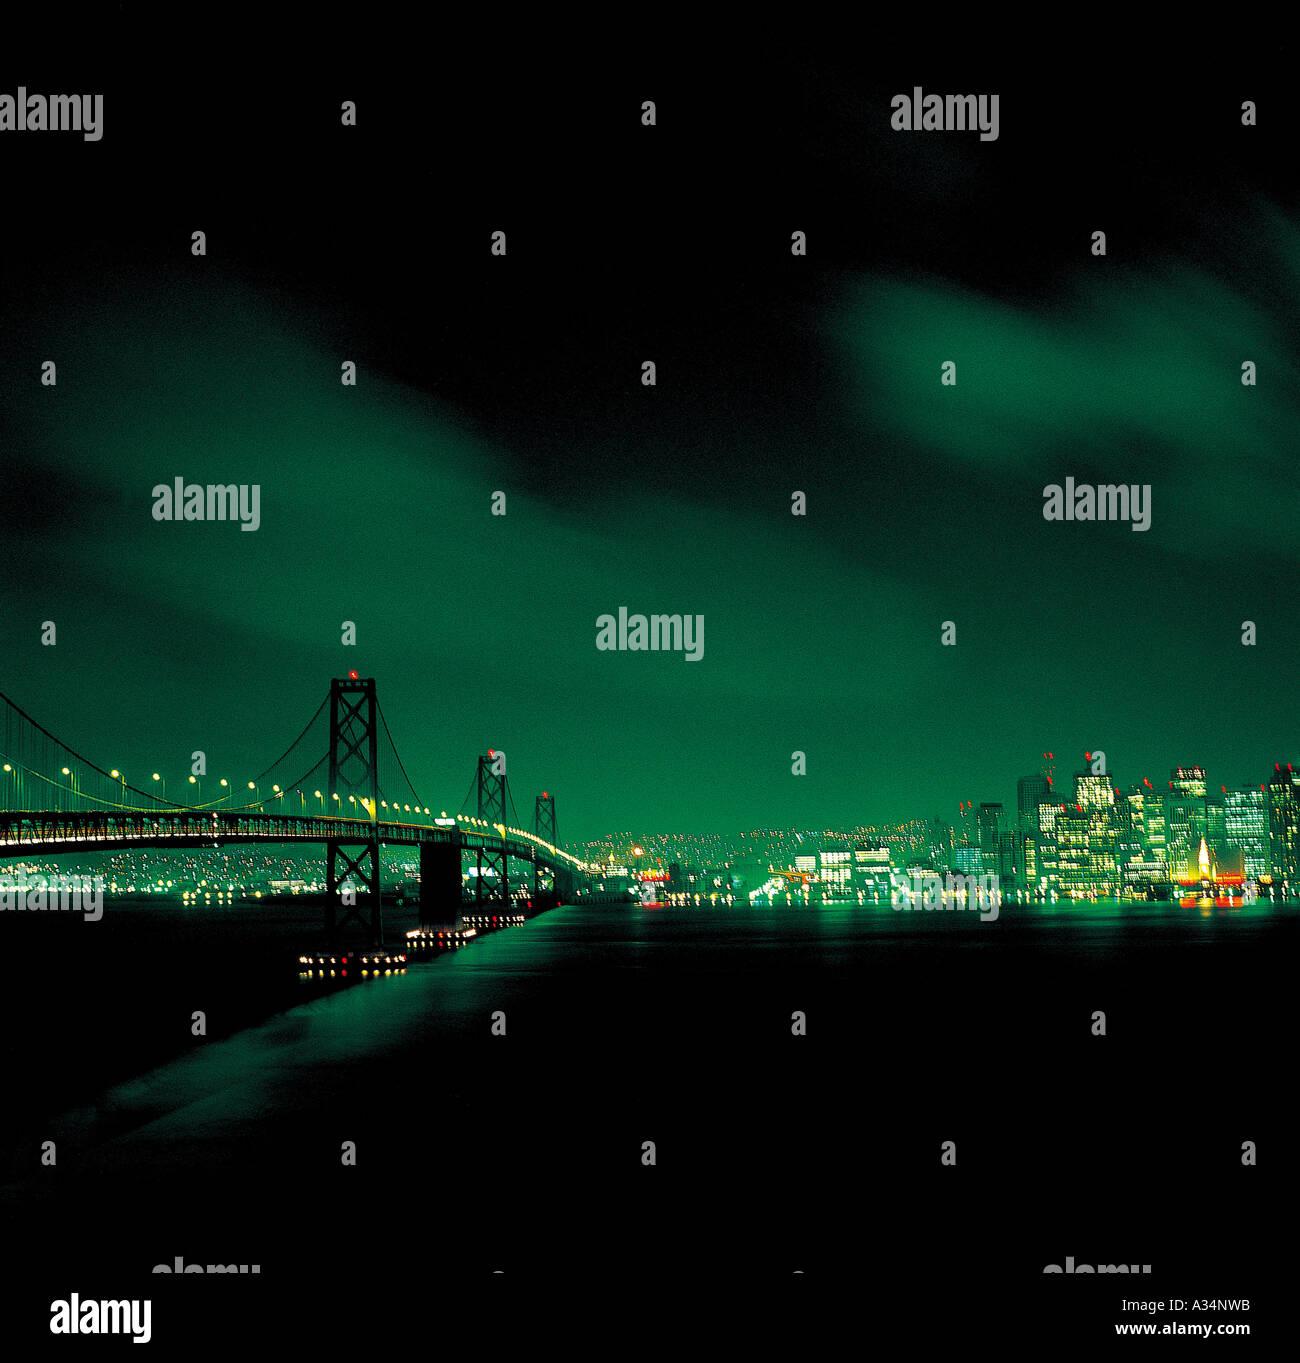 El puente en el sur de los Estados Unidos encendiendo las luces de neón por la noche Foto de stock